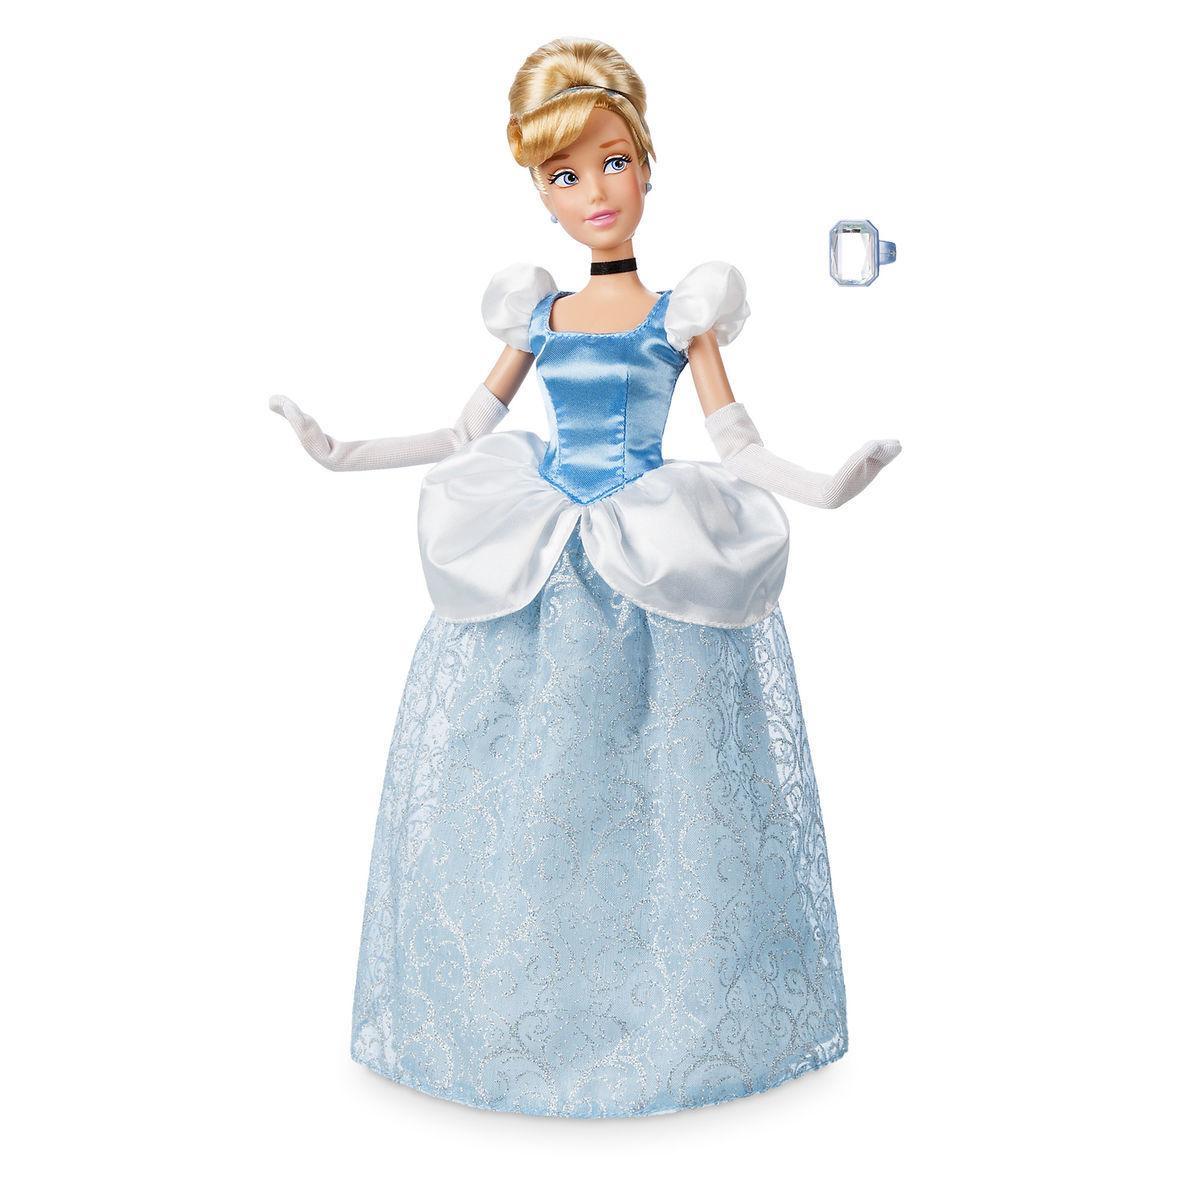 Лялька класична Попелюшка з кільцем для дитини Дісней з колечком Disney Cinderella Classic т